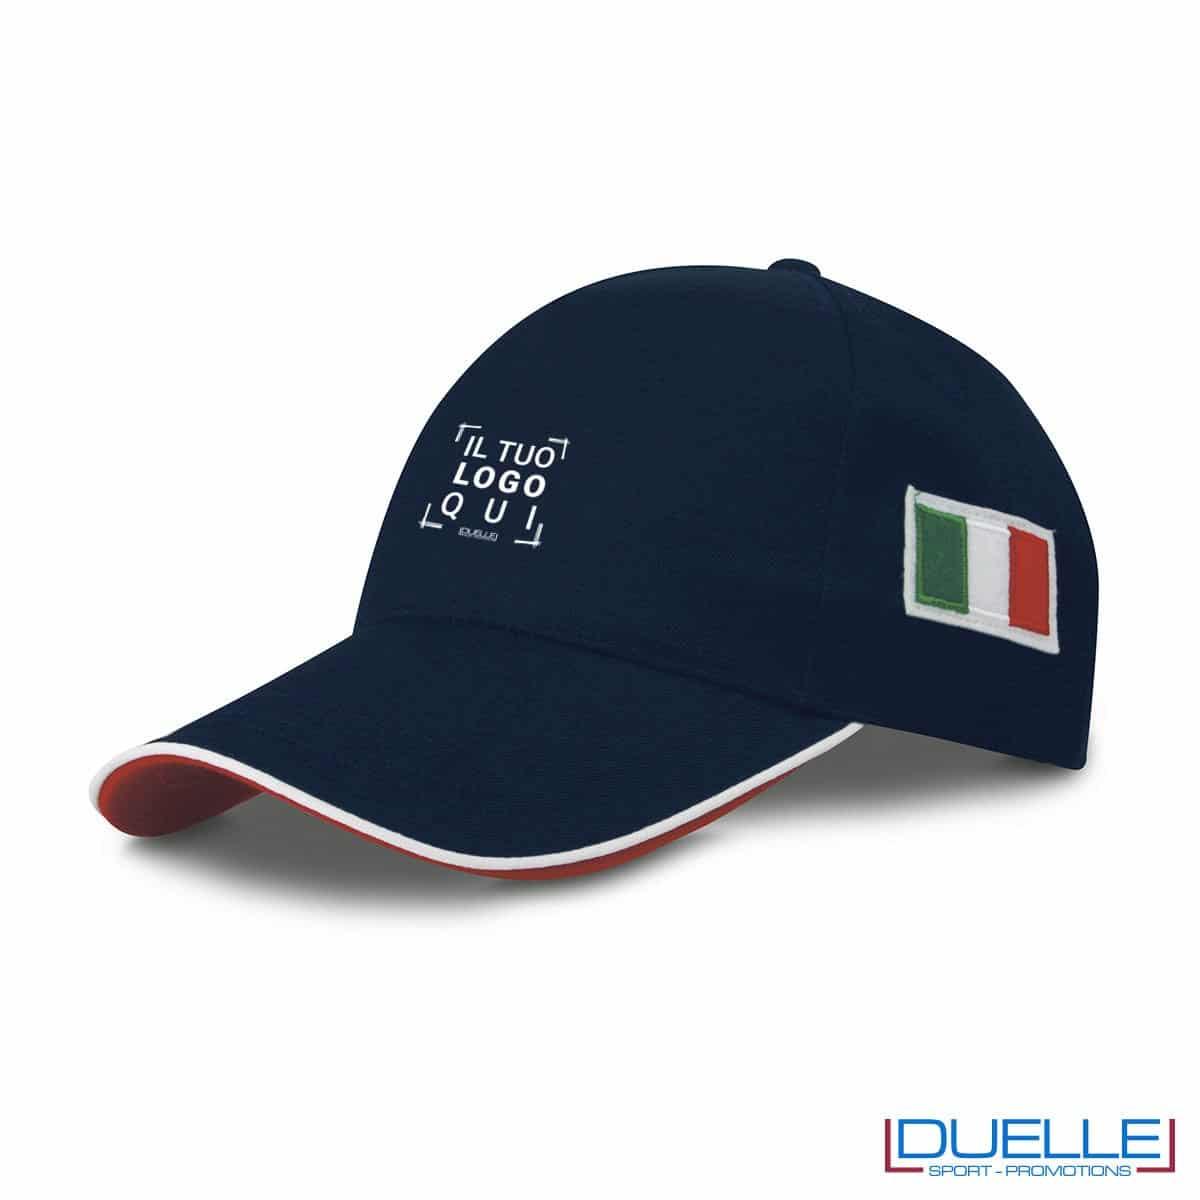 cappellino personalizzato 5 pannelli con bandiera tricolore colore blu navy